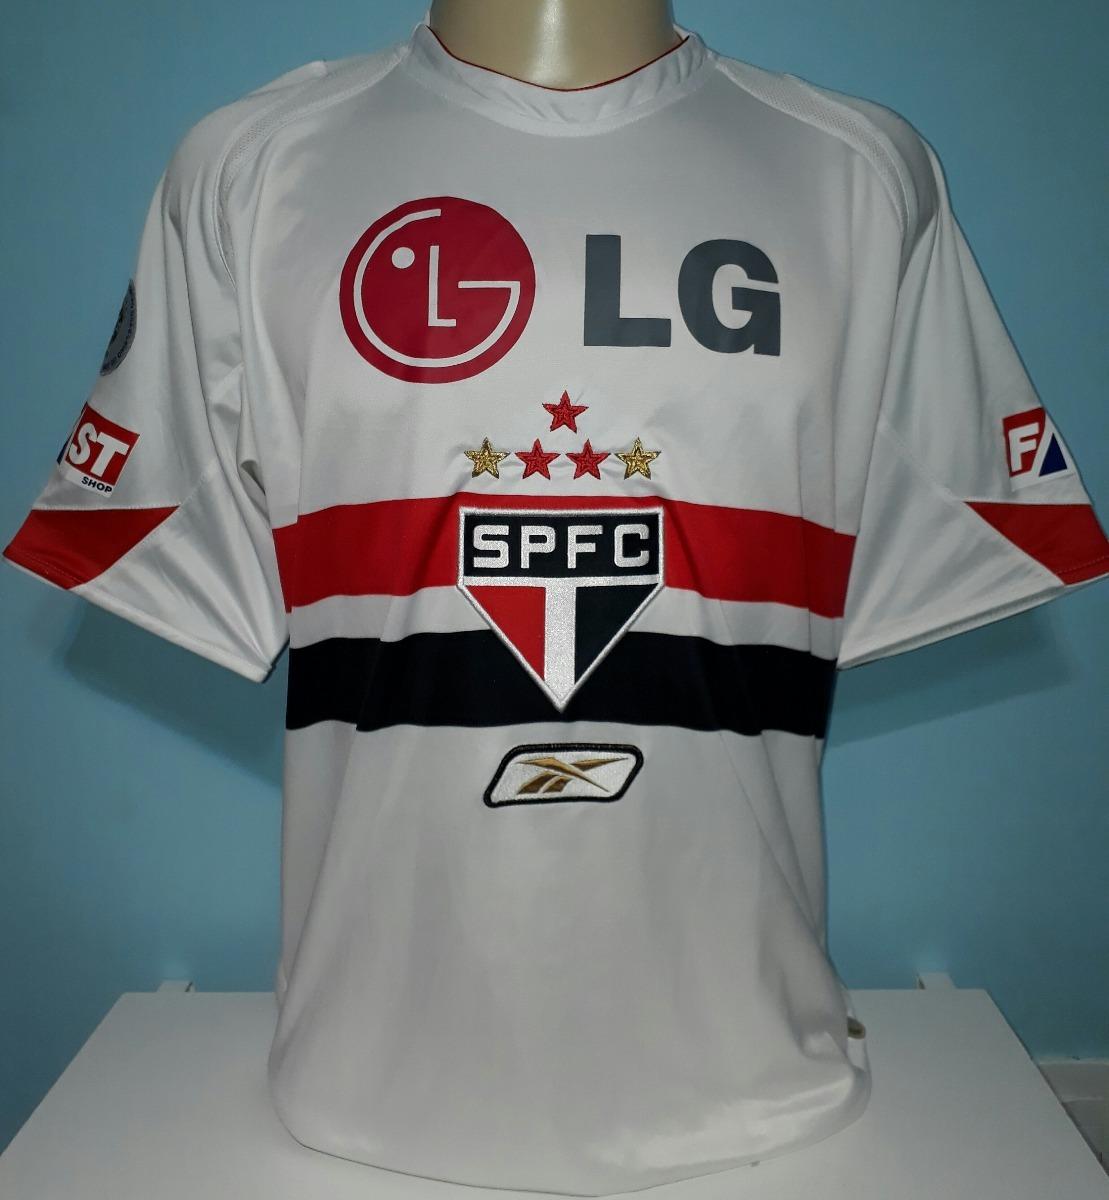 ... camisa são paulo campeão brasileiro 2006 2007 reebok - 10. Carregando  zoom. 2337c20fc7a3e